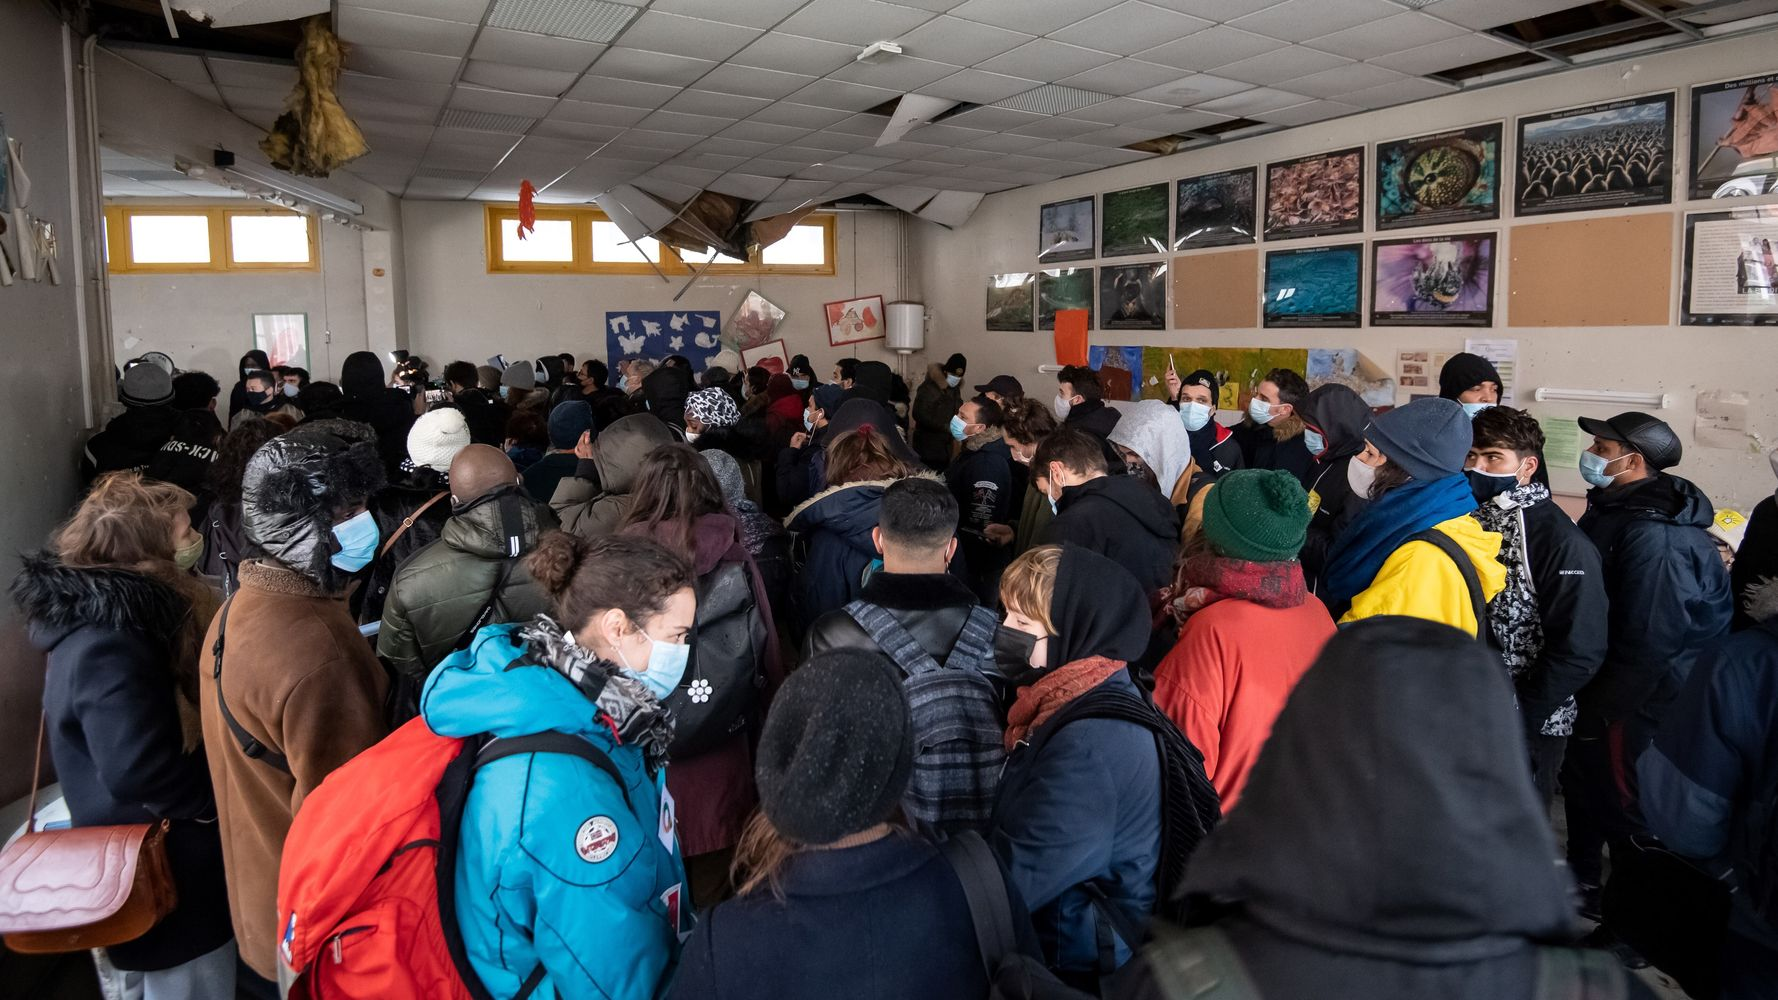 À Paris, les migrants qui occupaient une école mis à l'abri dans des gymnases